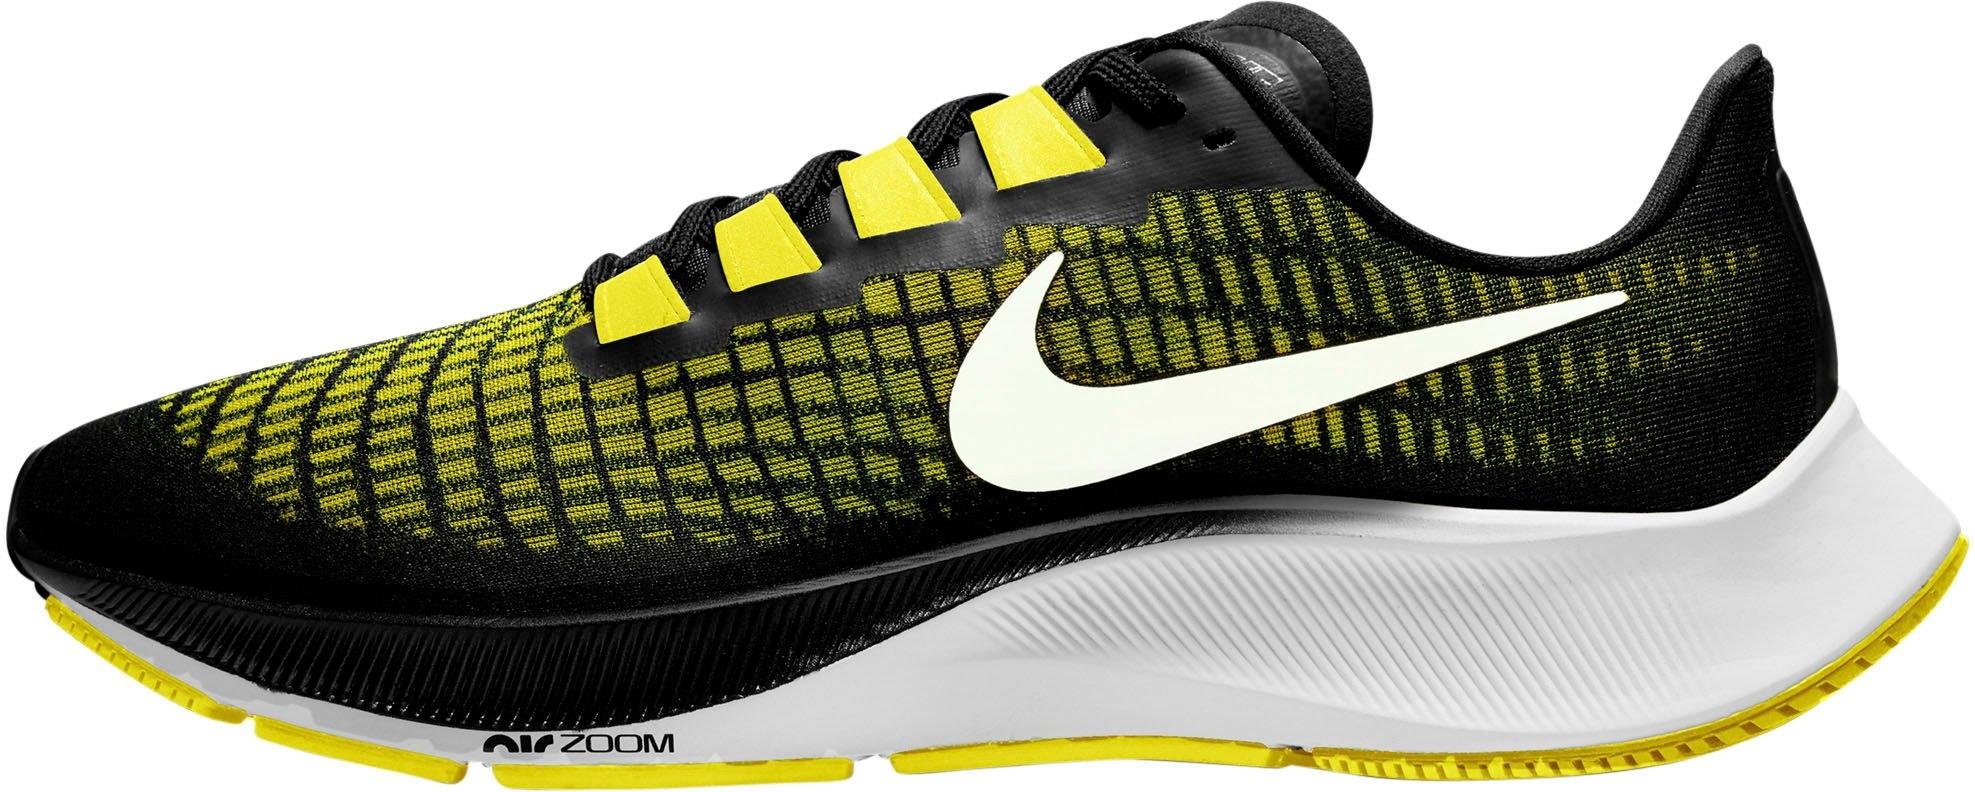 Nike runningschoenen »Air Zoom Pegasus 37« bestellen: 30 dagen bedenktijd